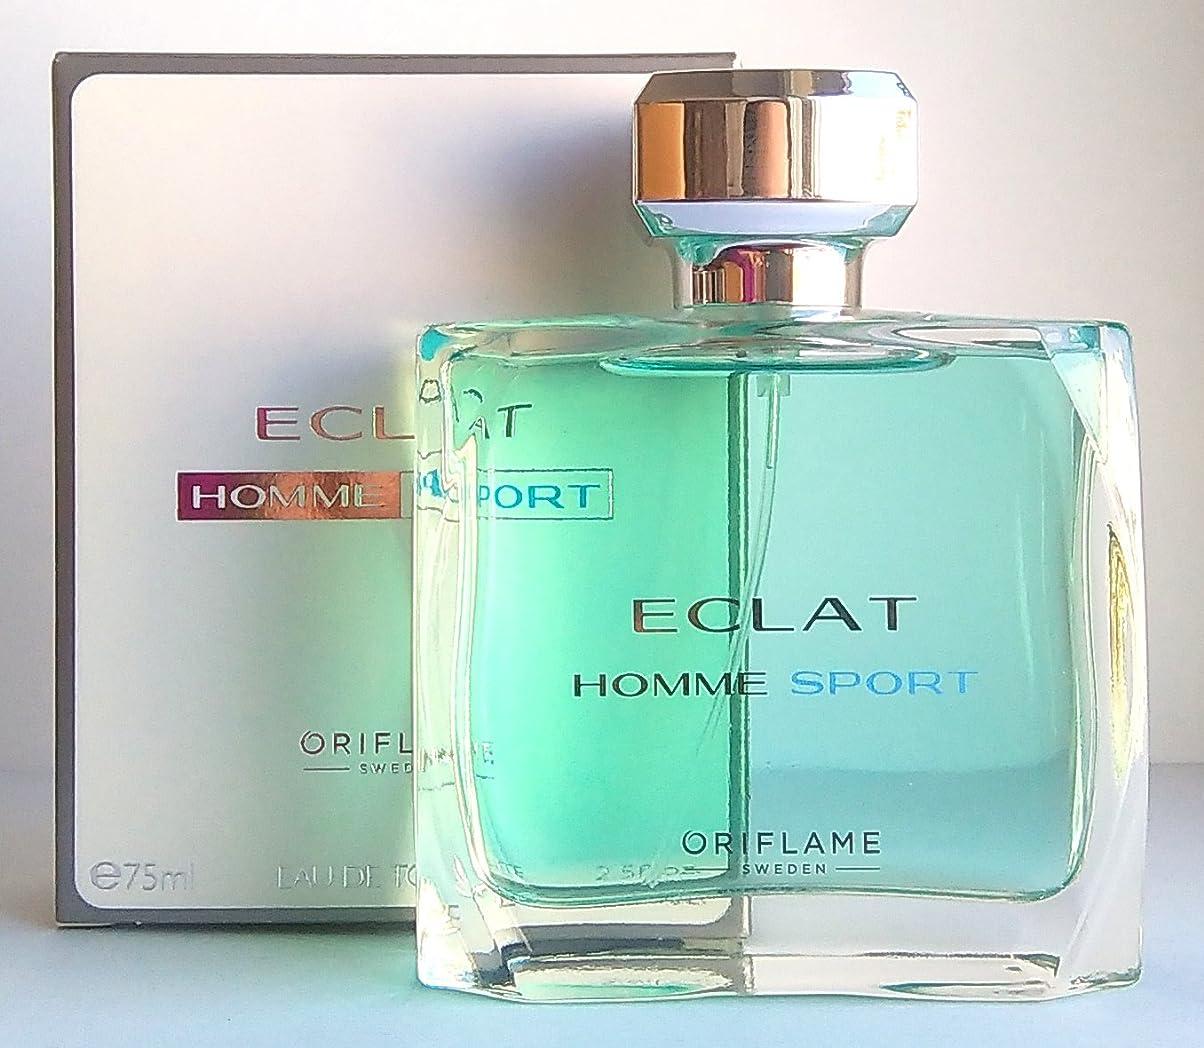 ステープル憧れエミュレーションORIFLAME Eclat Homme Sport Eau de Toilette For Him 75ml - 2.5oz